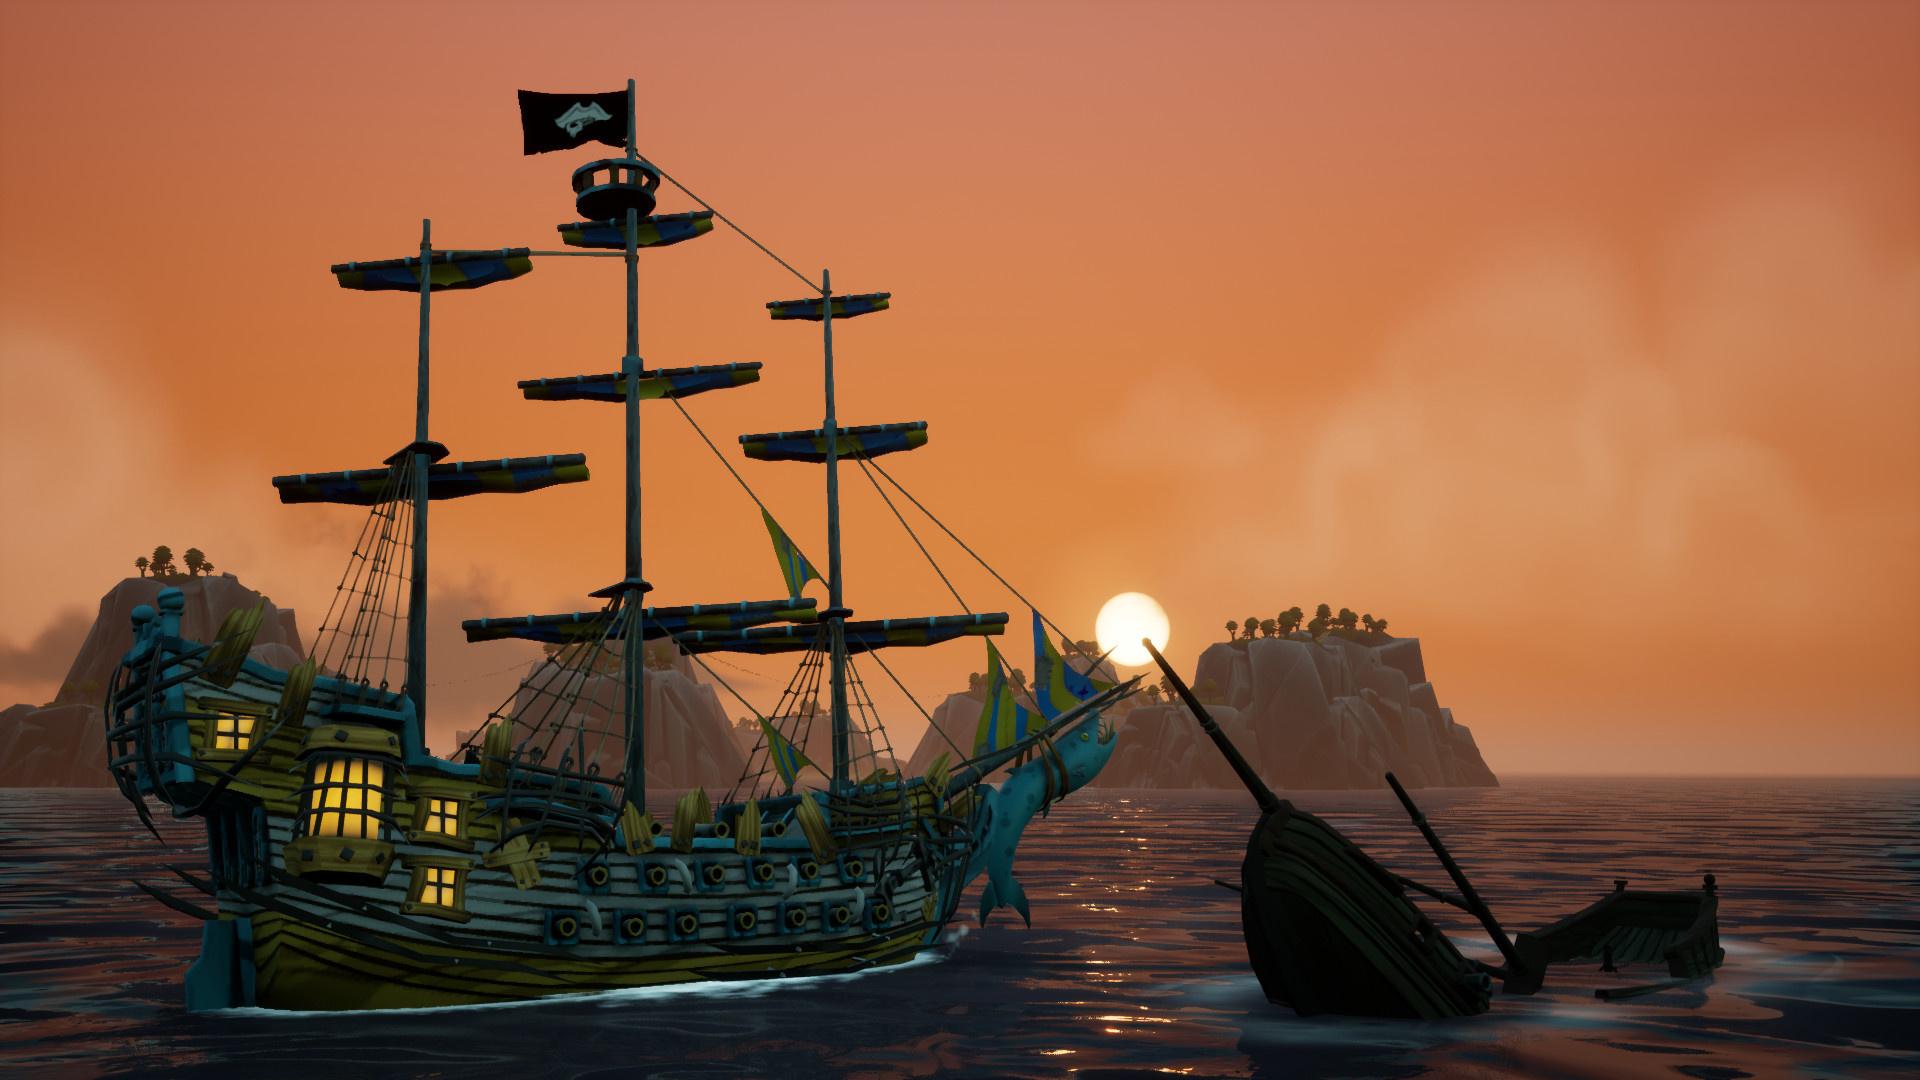 Игровой процесс пиратского боевика King of Seas показали в новом трейлере